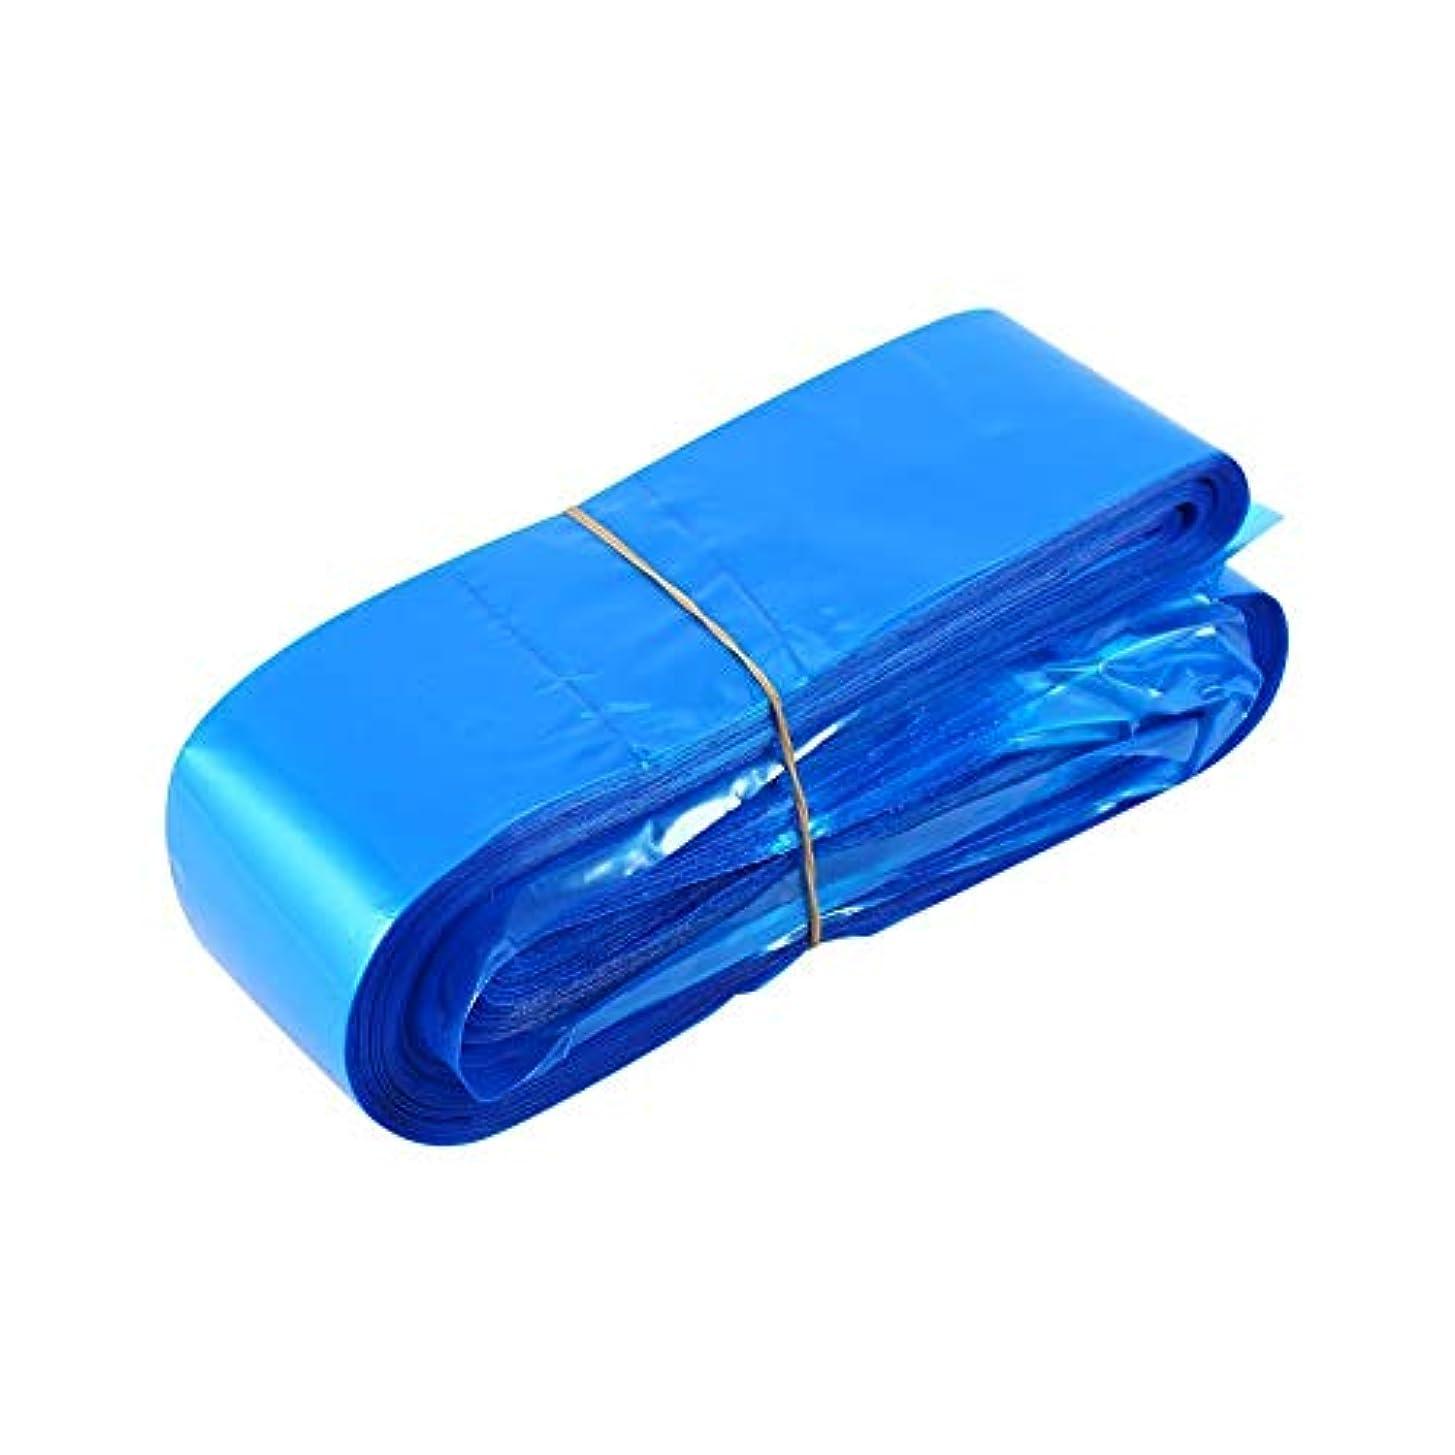 コーデリア誰がいわゆるTOPINCN 125pcs 入れ墨用 使い捨てカバー タトゥーマシンのクリップコード スリーブ使い捨てカバー